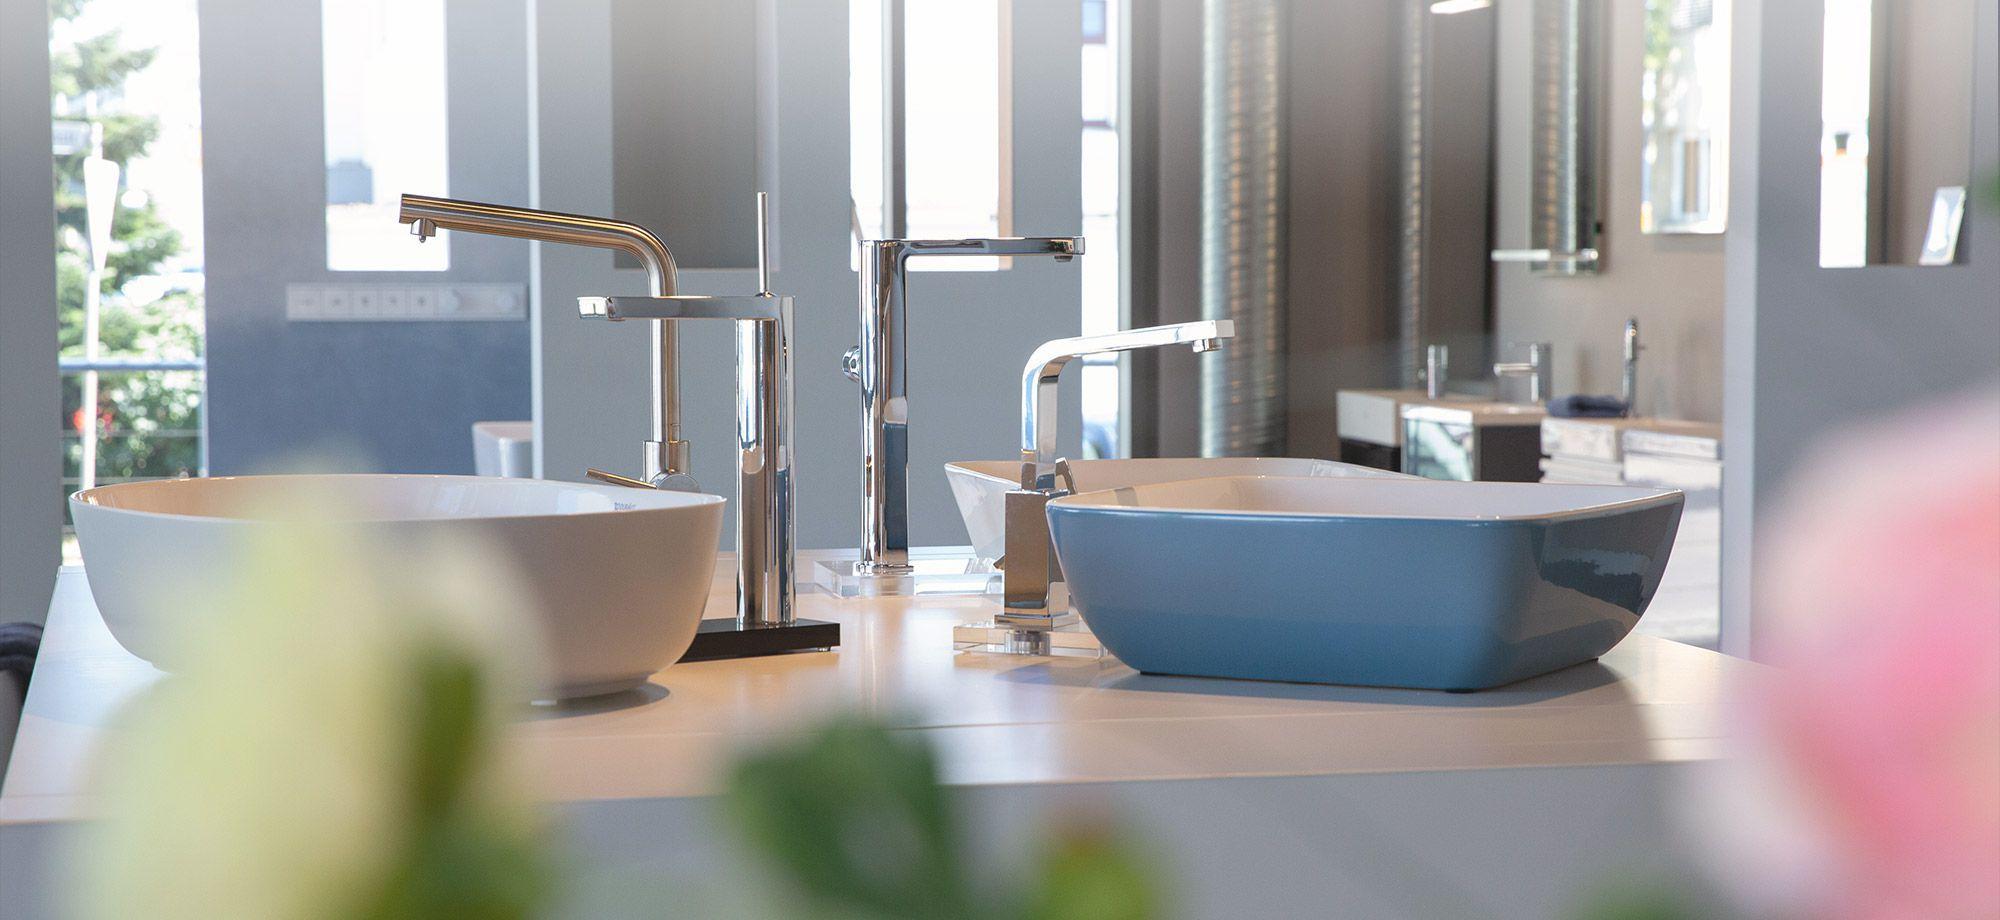 Der Traditionsbetrieb in Esslingen für Bad, Wellness, Sanitär ...